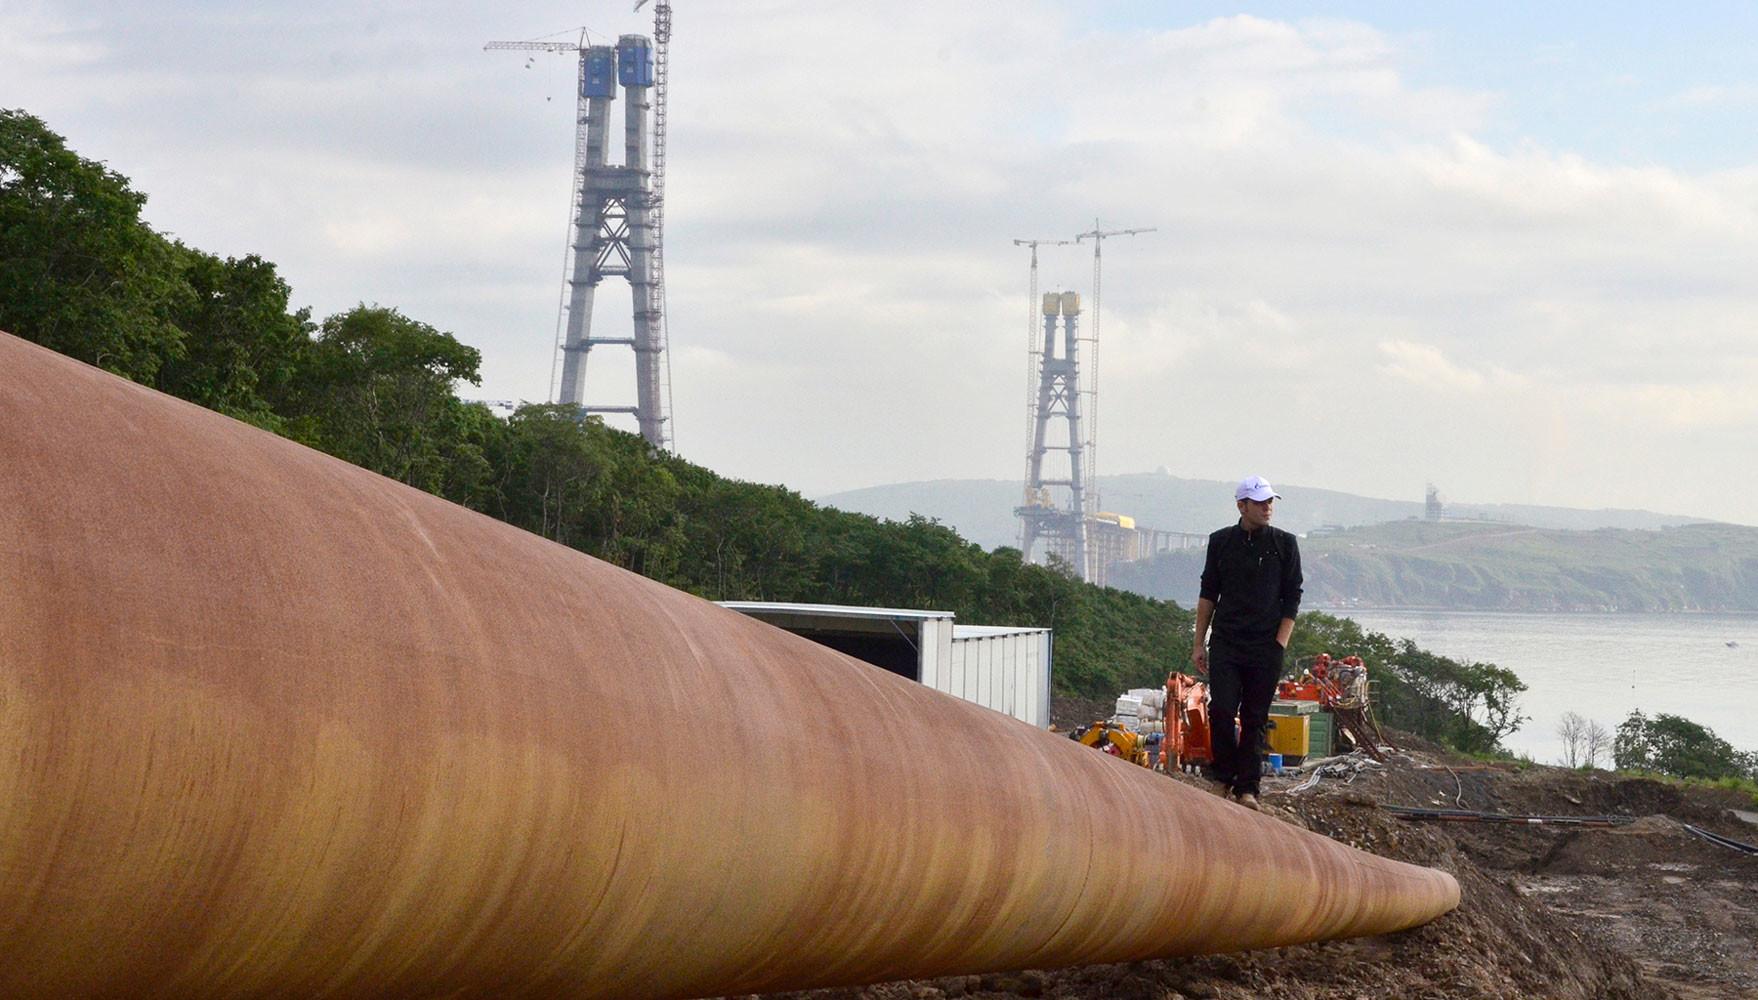 Европа выделила деньги на модернизацию магистрального газопровода в Казахстане»